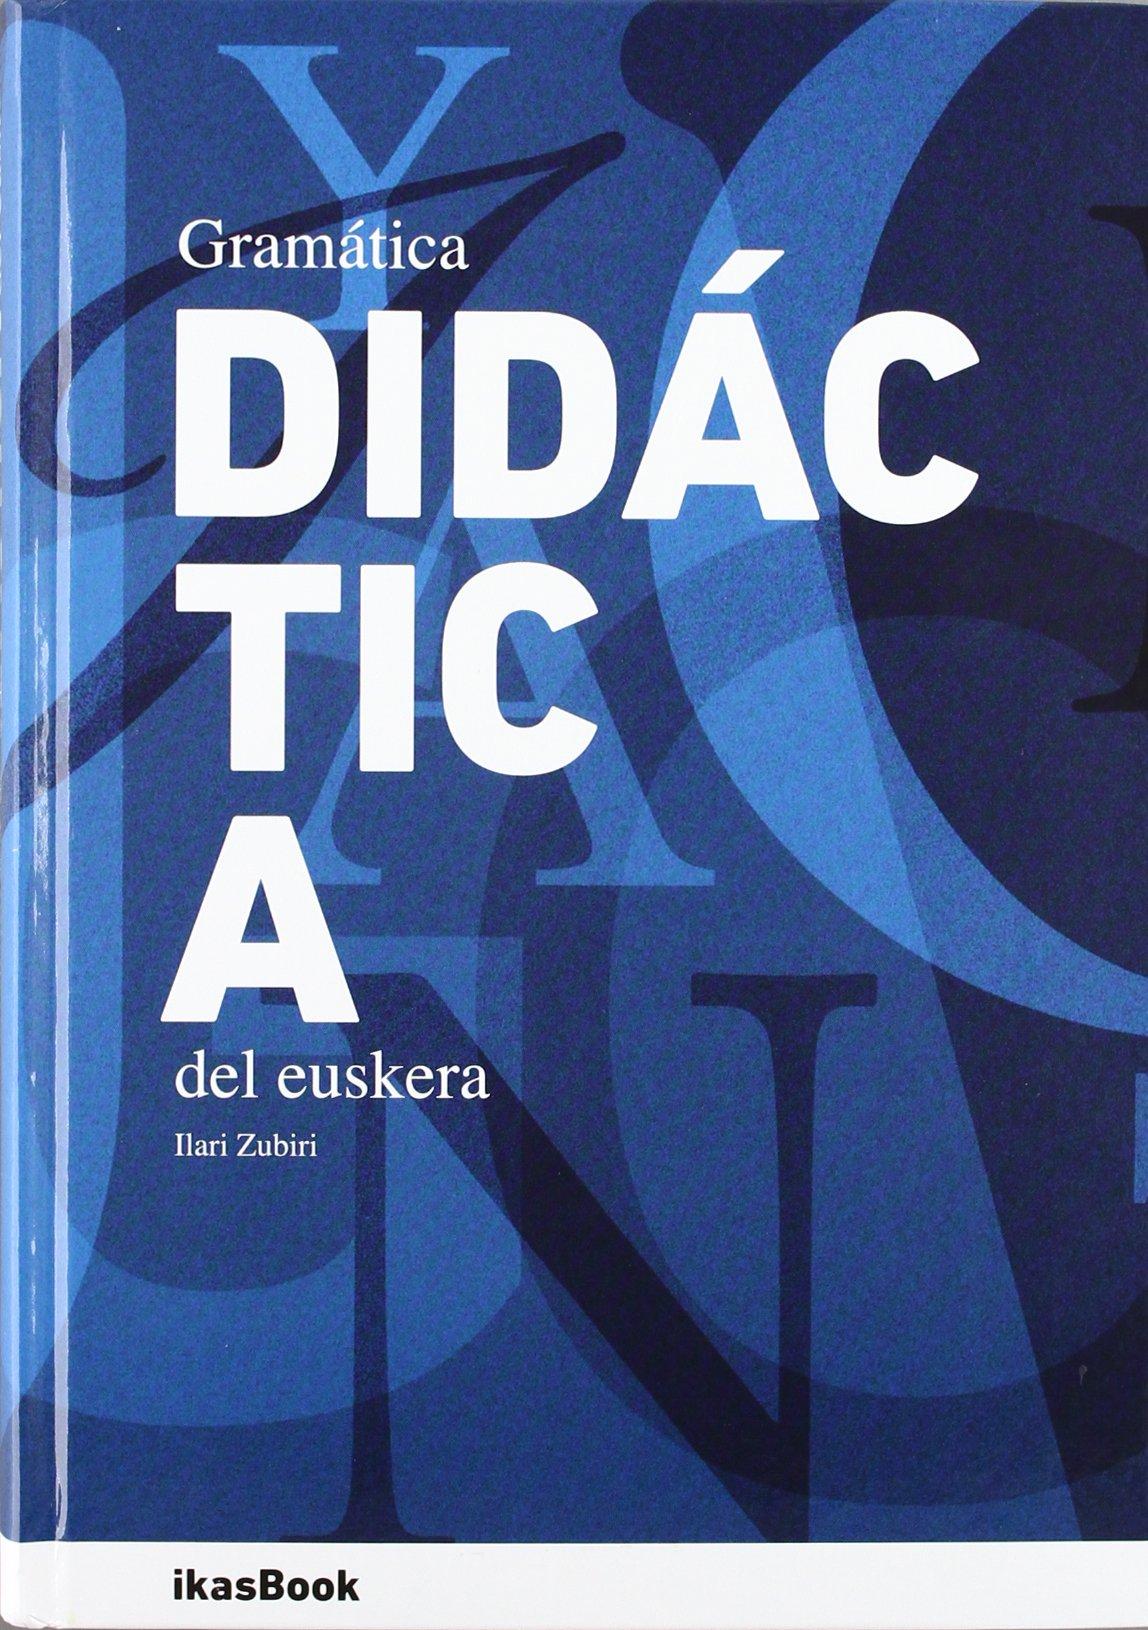 Gramatica Didactica Del Euskera (Euskera) Tapa dura – 13 jun 2012 Ilari Zubiri Ikasbook S.L. 849401840X Keltische Sprachen